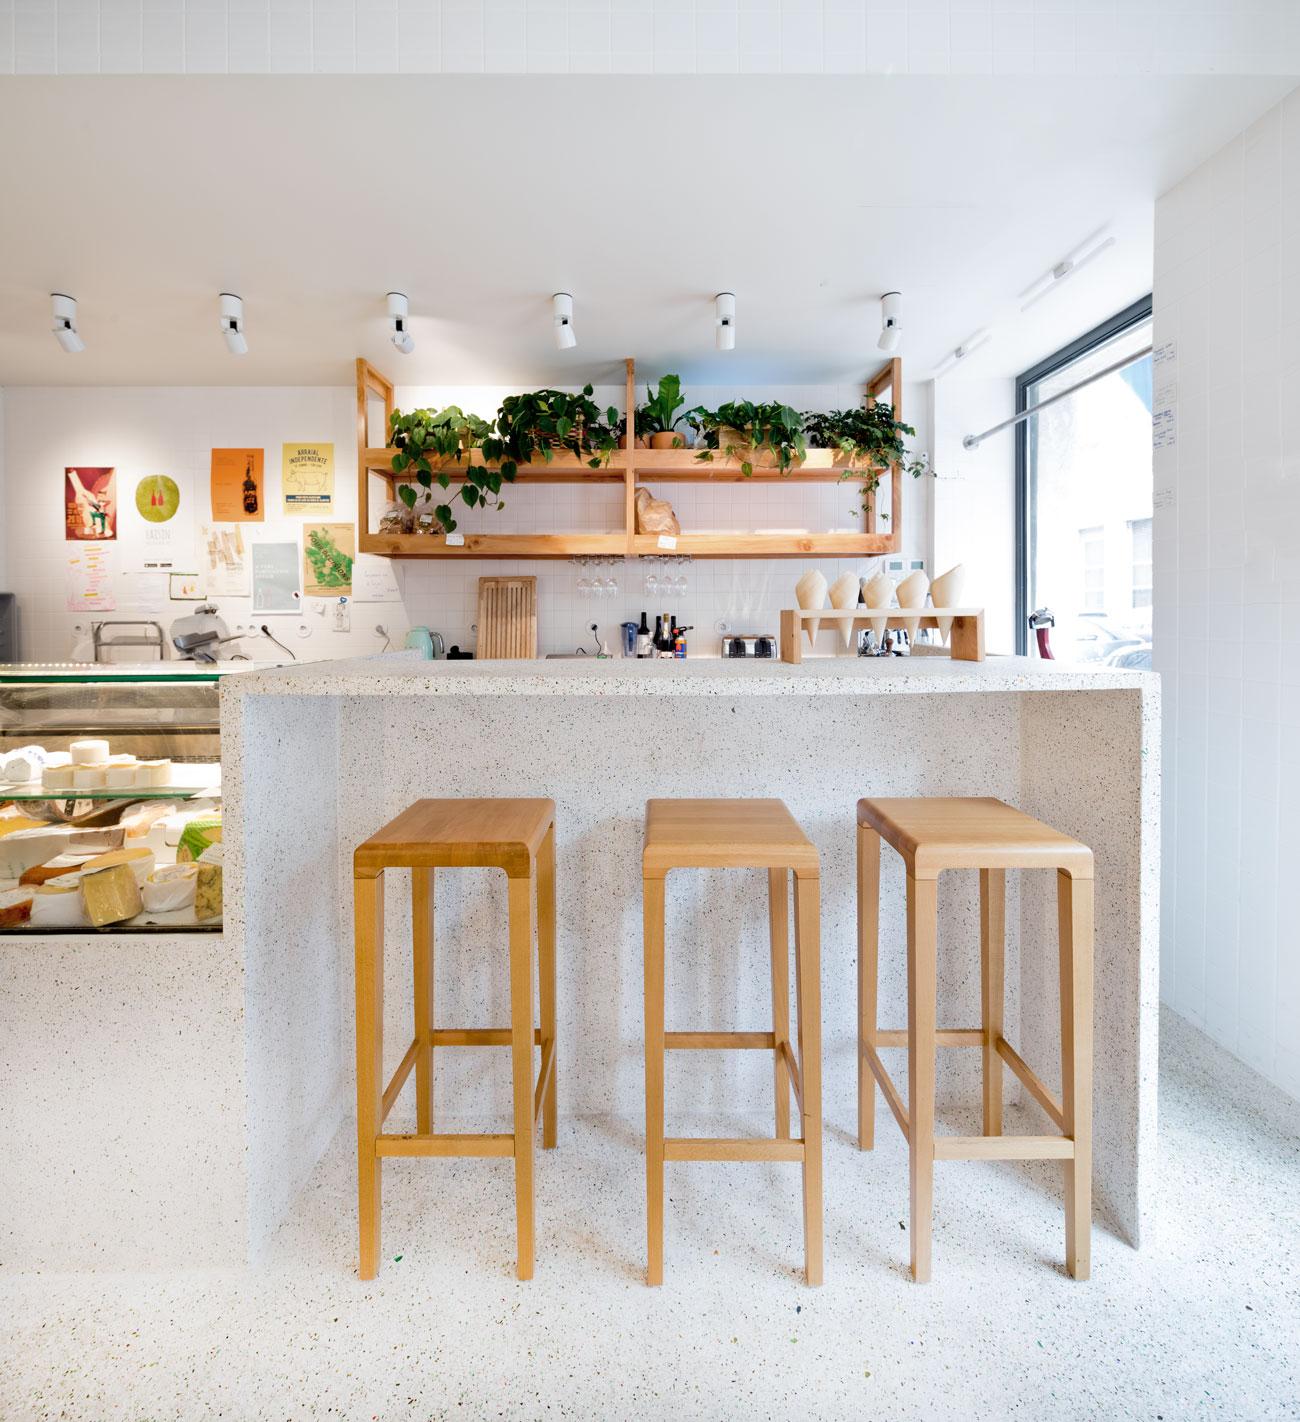 dc ad comida independente architecture 13